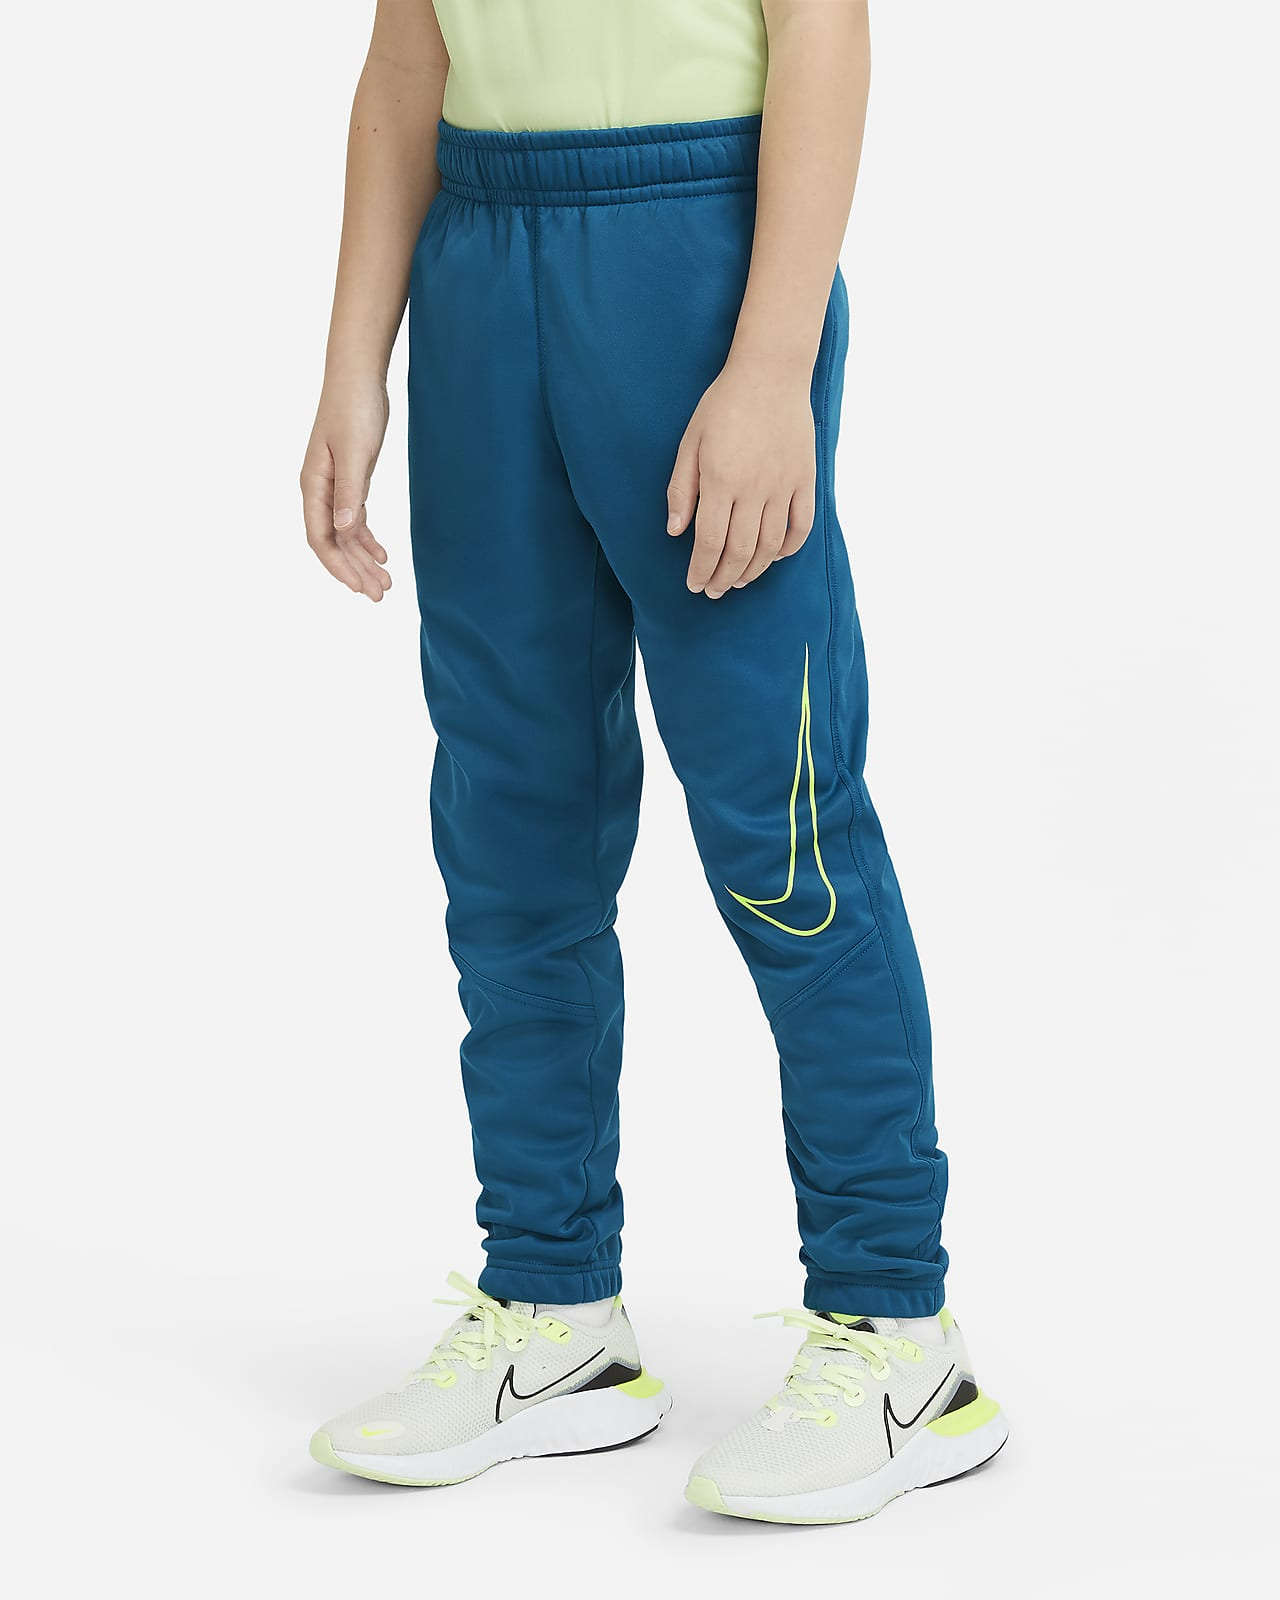 Παντελόνι προπόνησης που στενεύει προς τα κάτω με σχέδιο Nike Therma για μεγάλα αγόρια